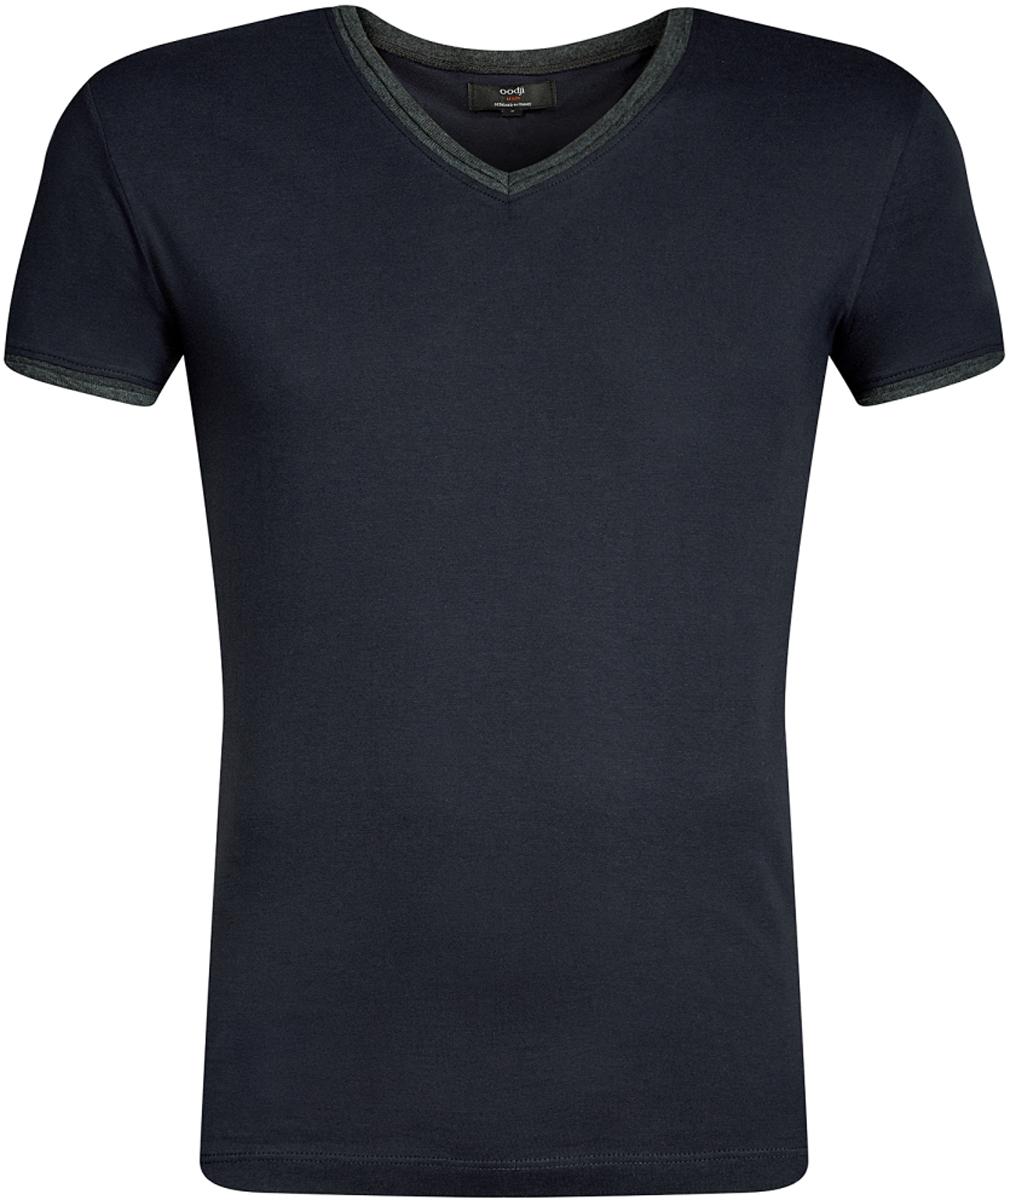 Футболка мужская oodji Lab, цвет: темно-синий, темно-серый. 5L612017M/39485N/7925B. Размер XS (44)5L612017M/39485N/7925BСтильная футболка от oodji с V-образным вырезом и короткими рукавами выполнена из натурального хлопка. Модель декорирована контрастной отделкой.